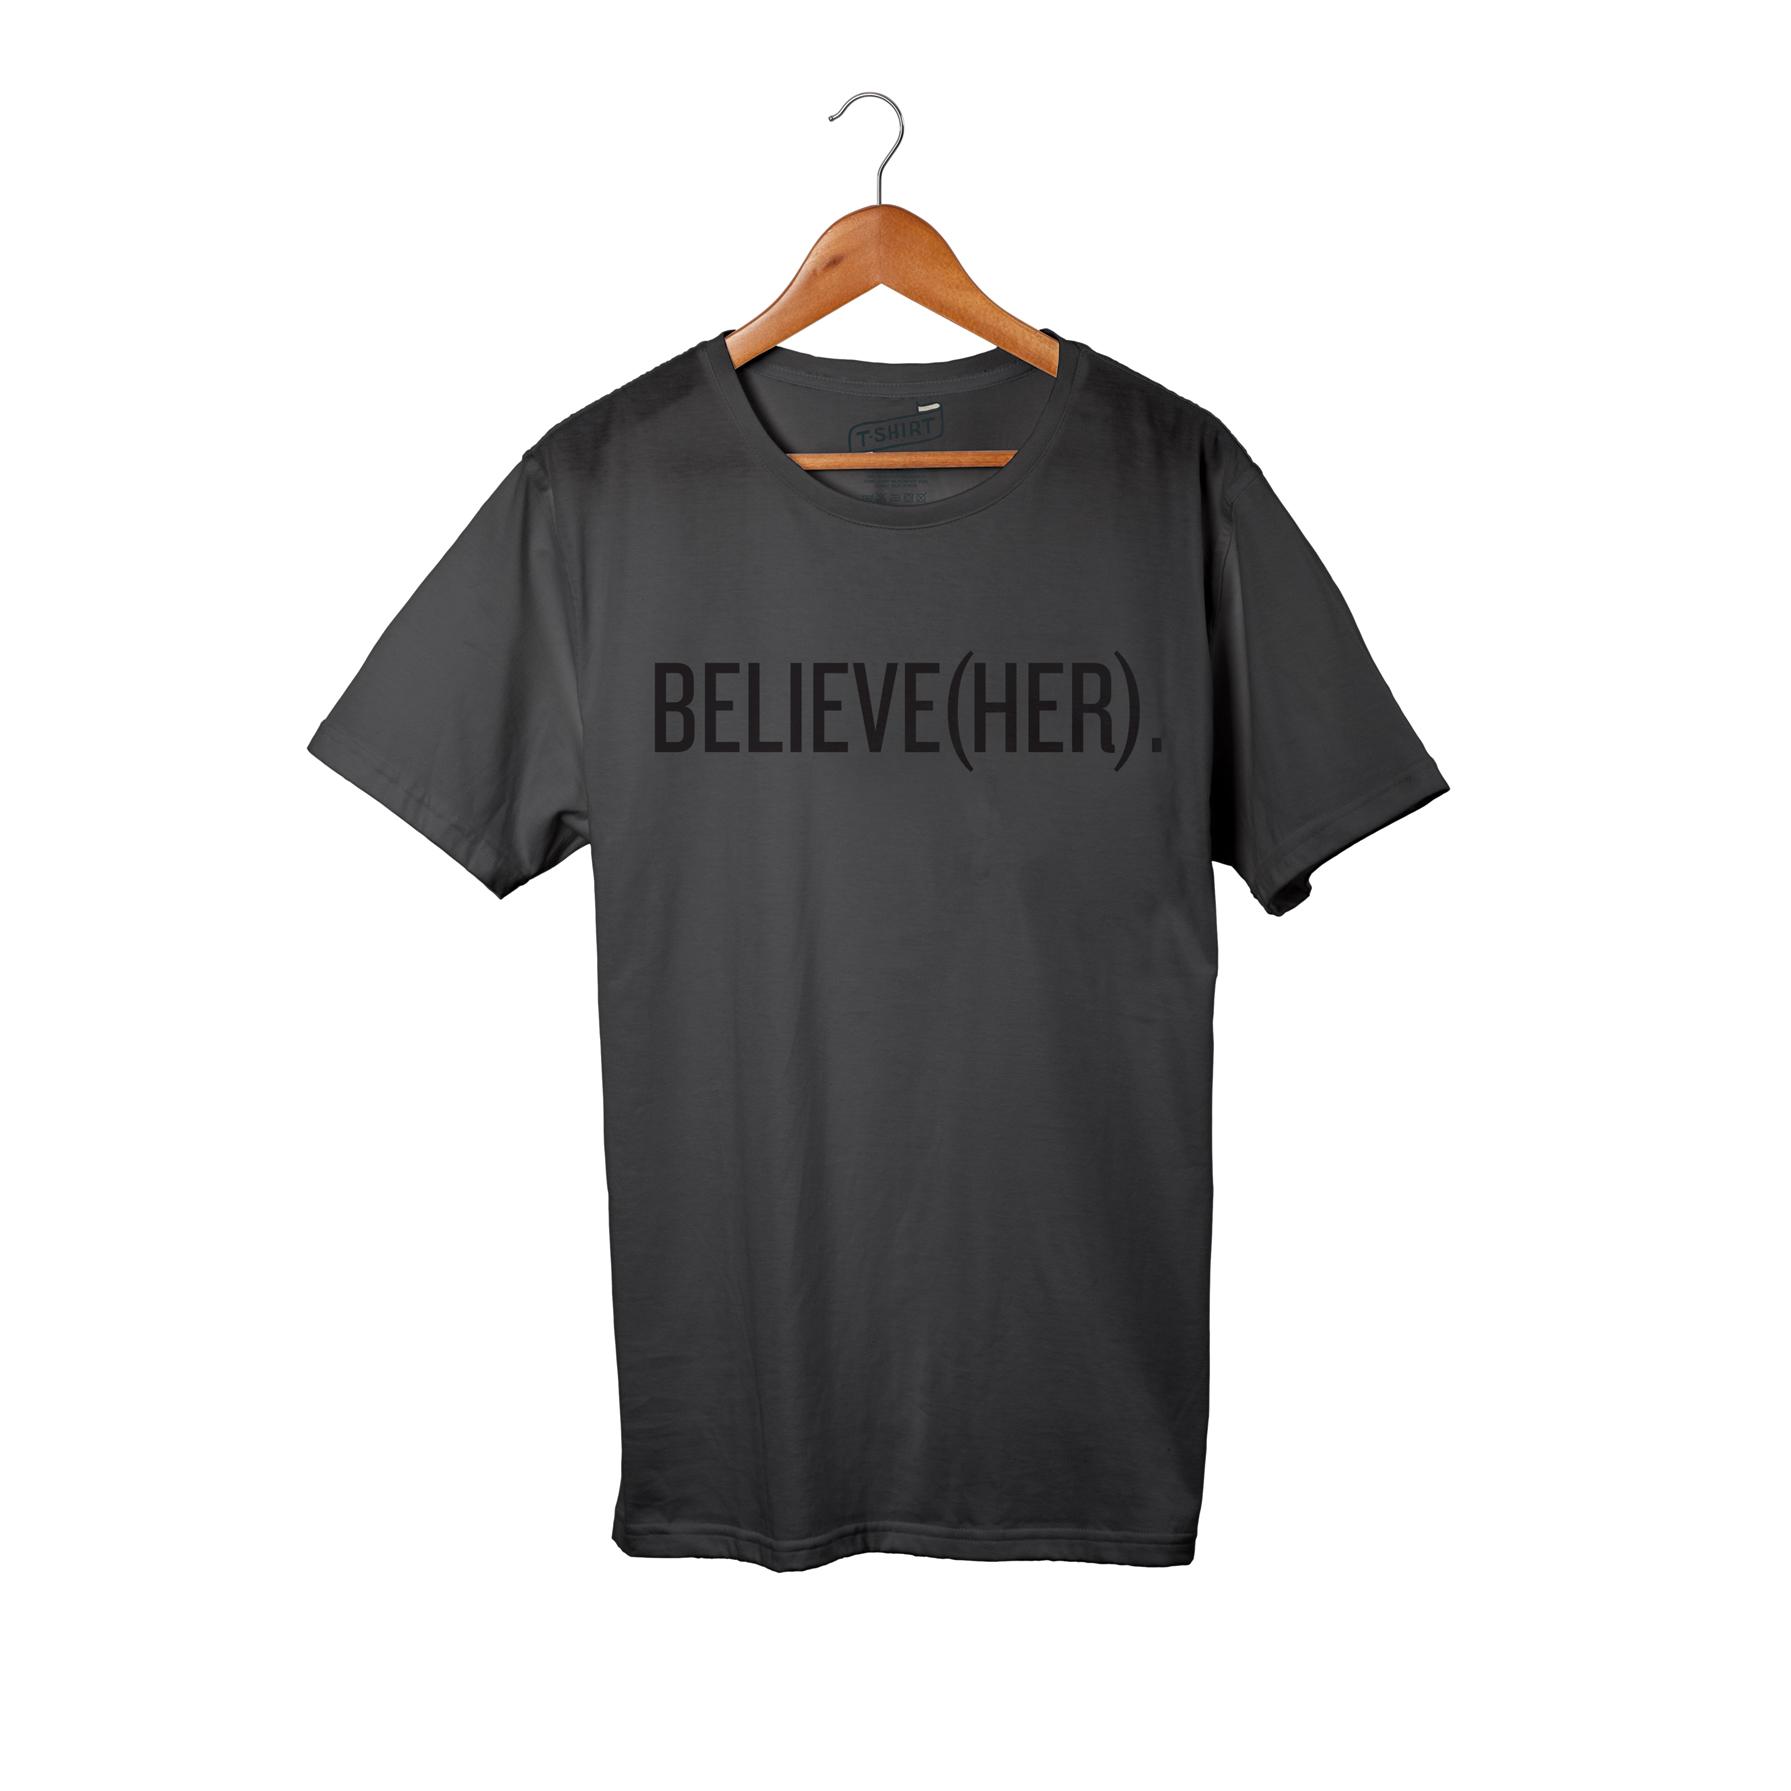 believe_shirt2.jpg